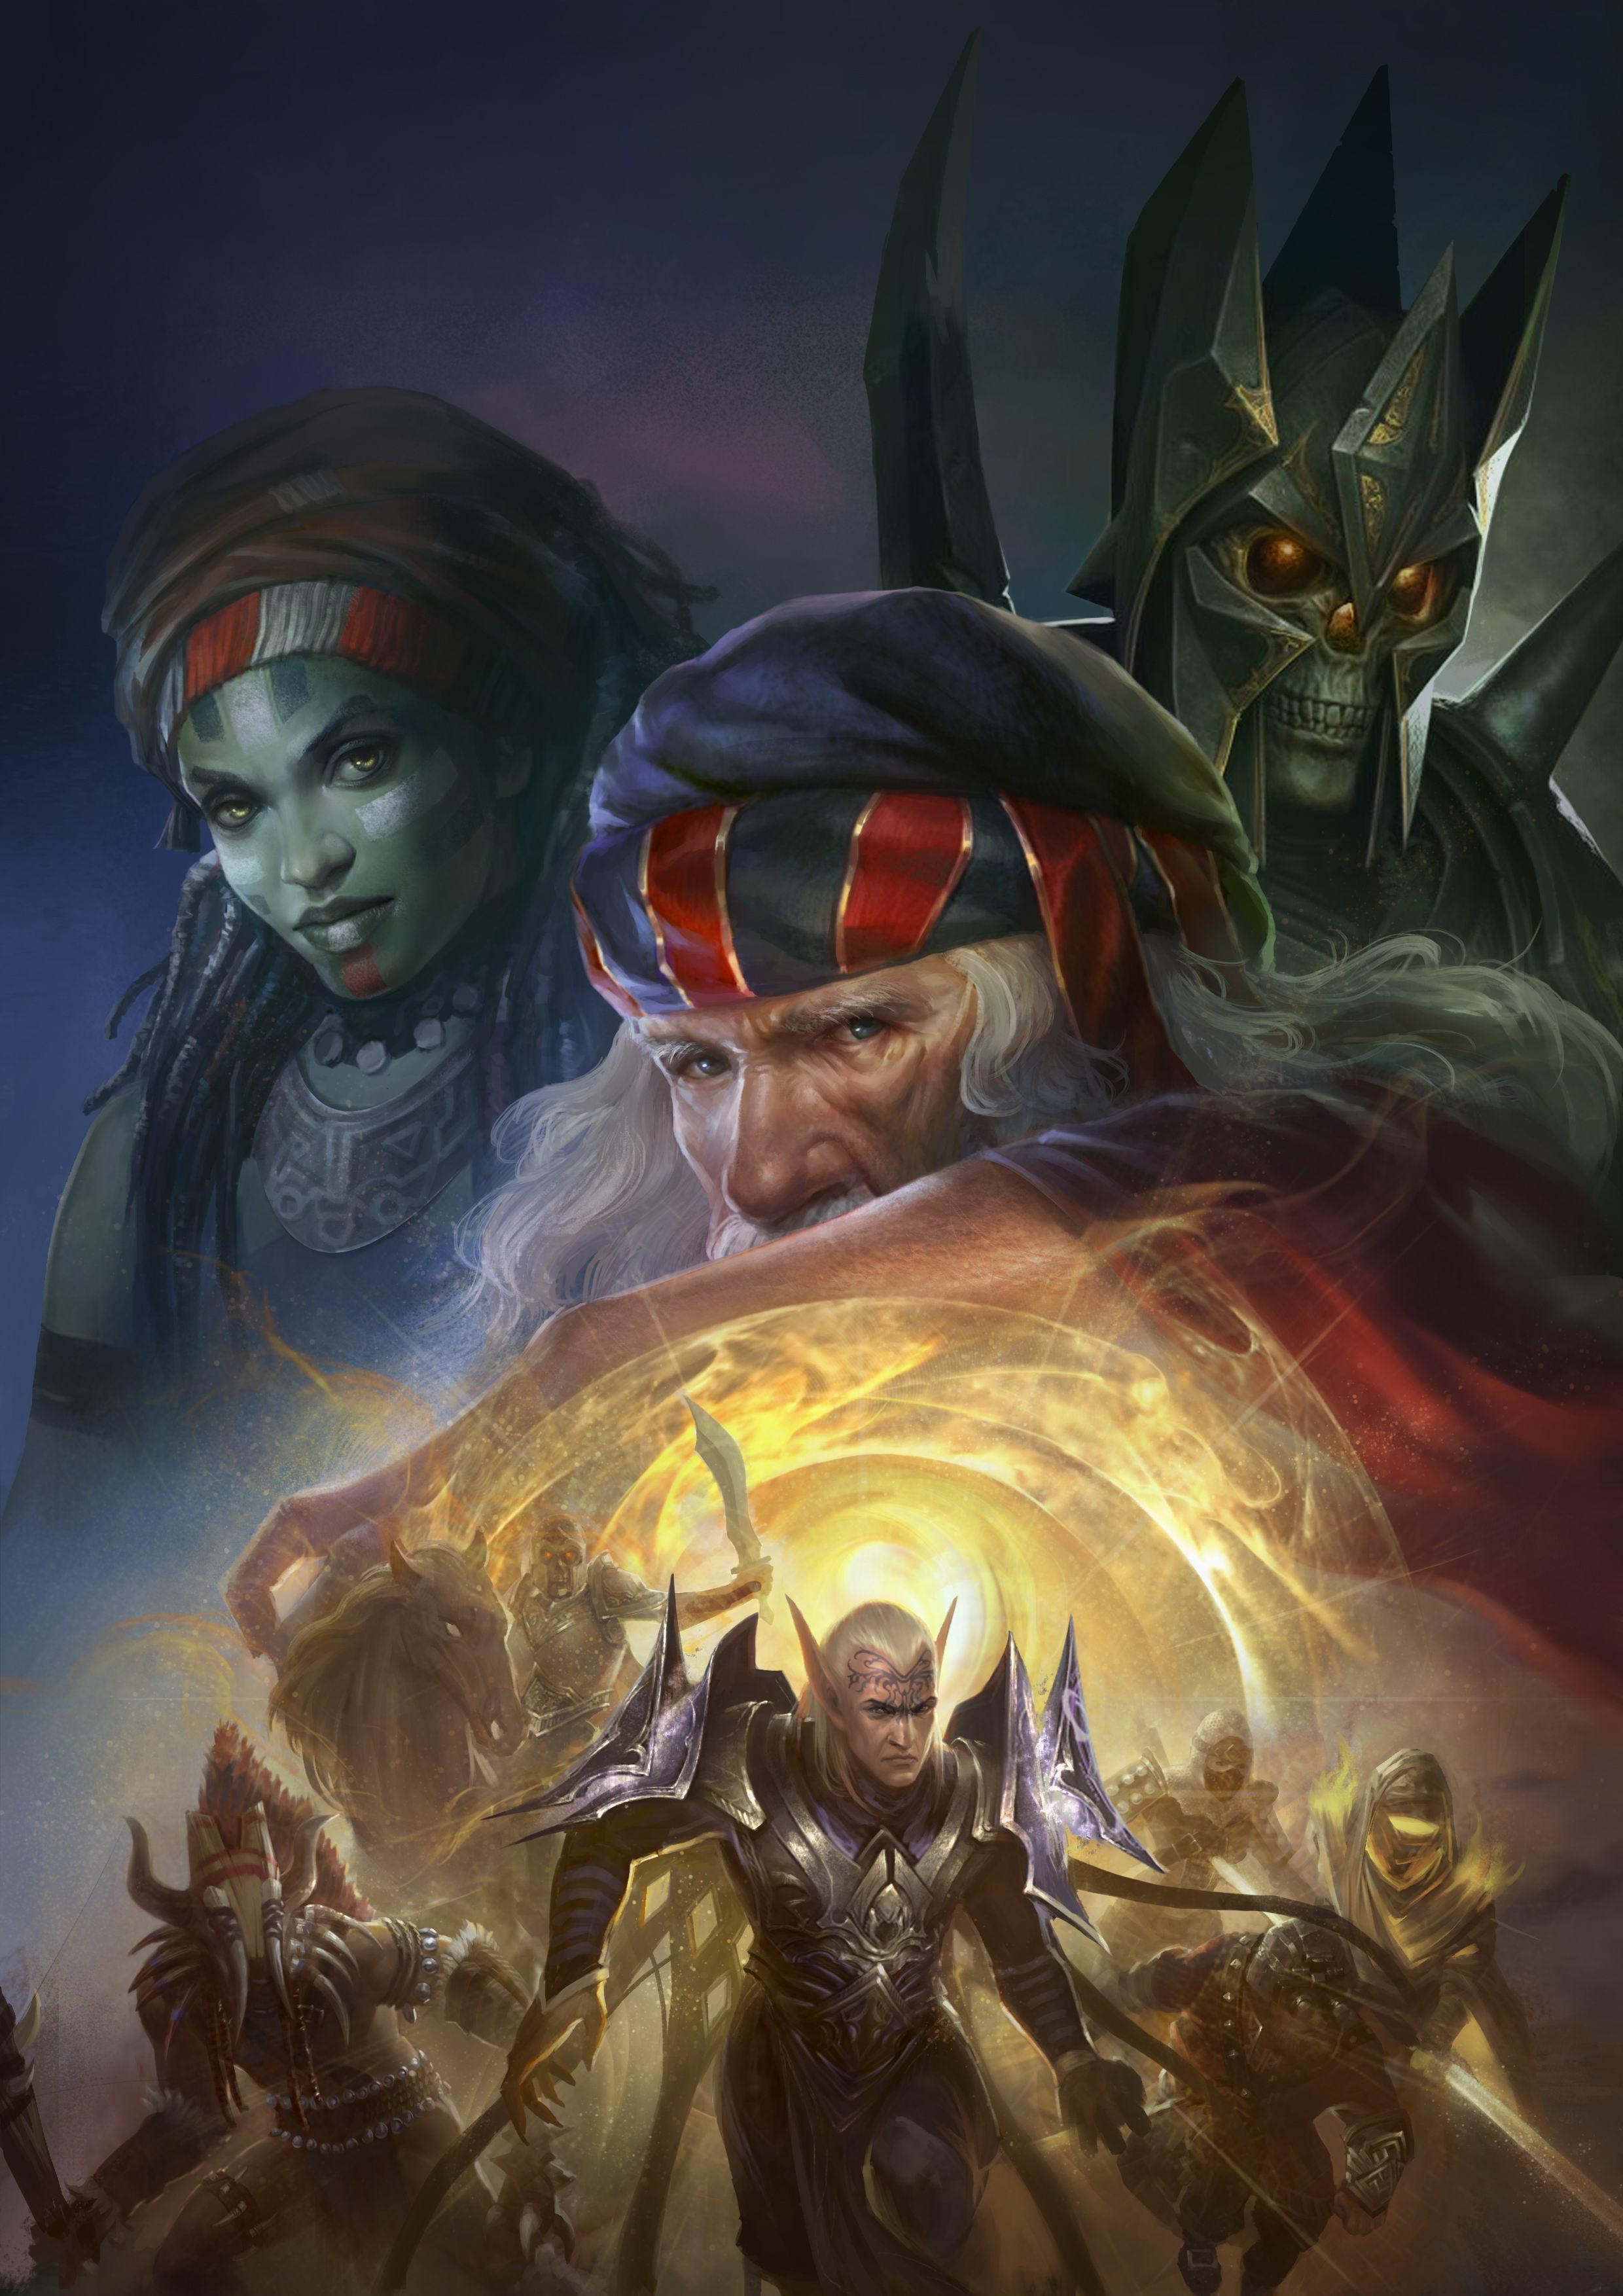 Арт Warlock II: The Exiled